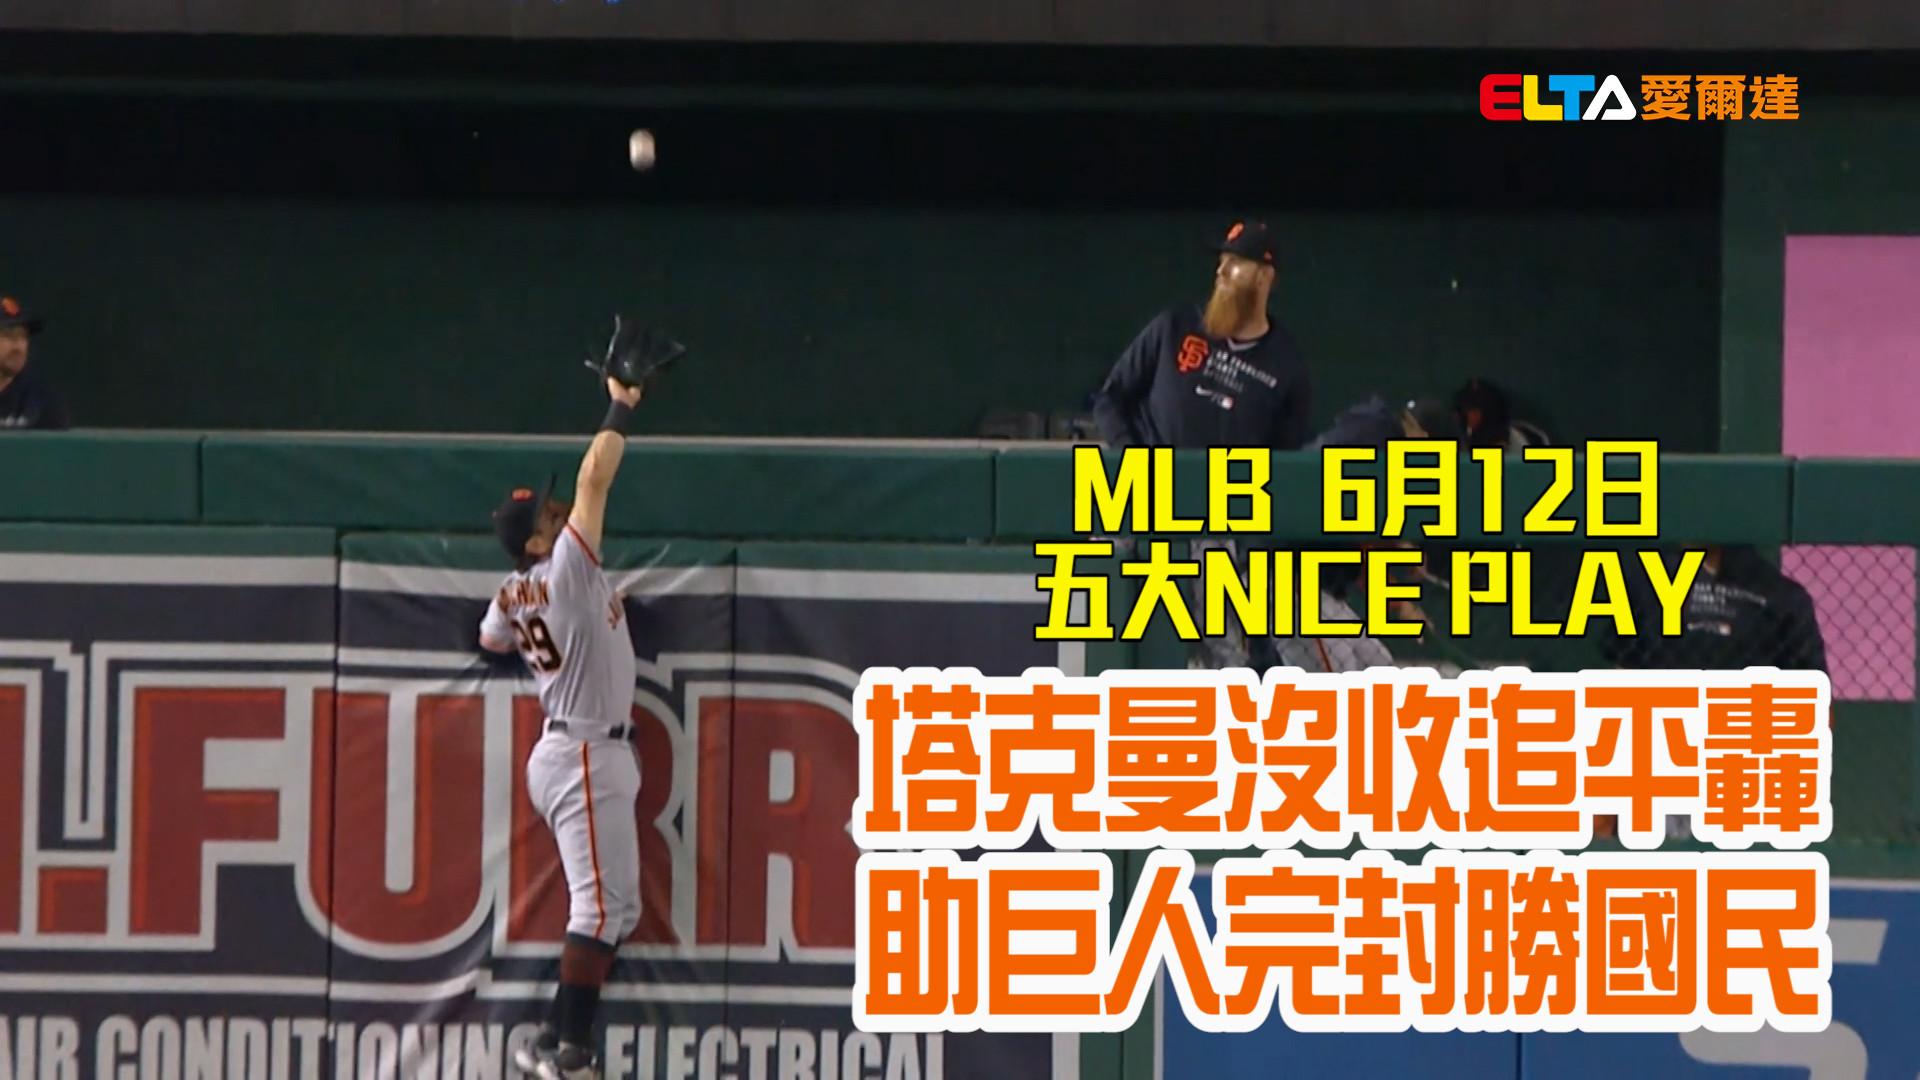 【MLB看愛爾達】台灣時間6月12日 美國職棒精選美技 06/12